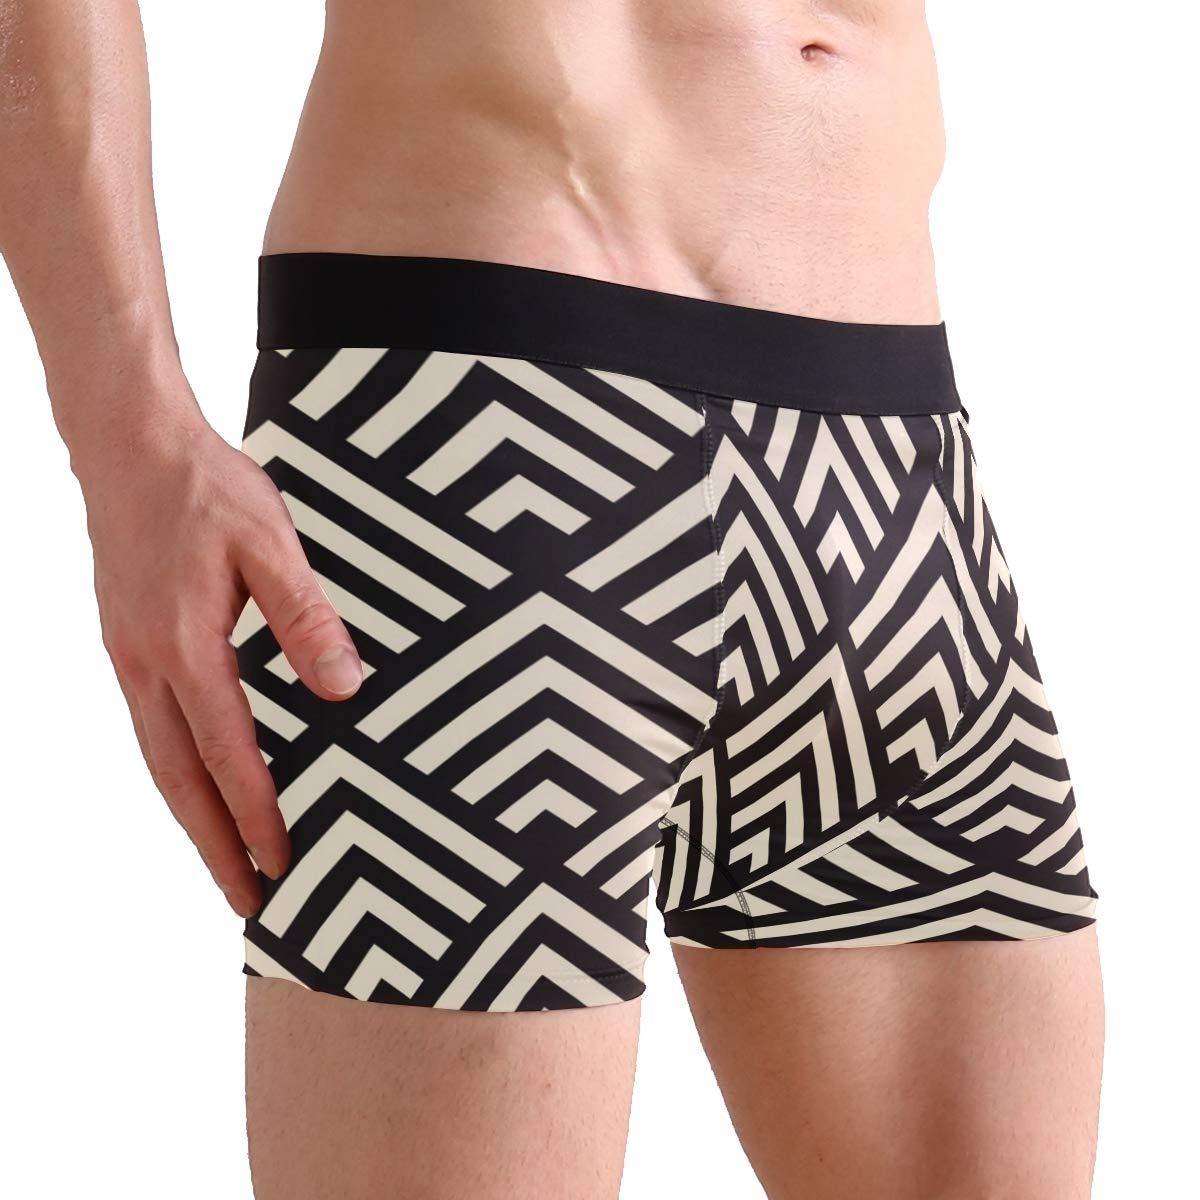 Mens 2-Pack Boxer Briefs Polyester Underwear Trunk Underwear with Art Deco Design